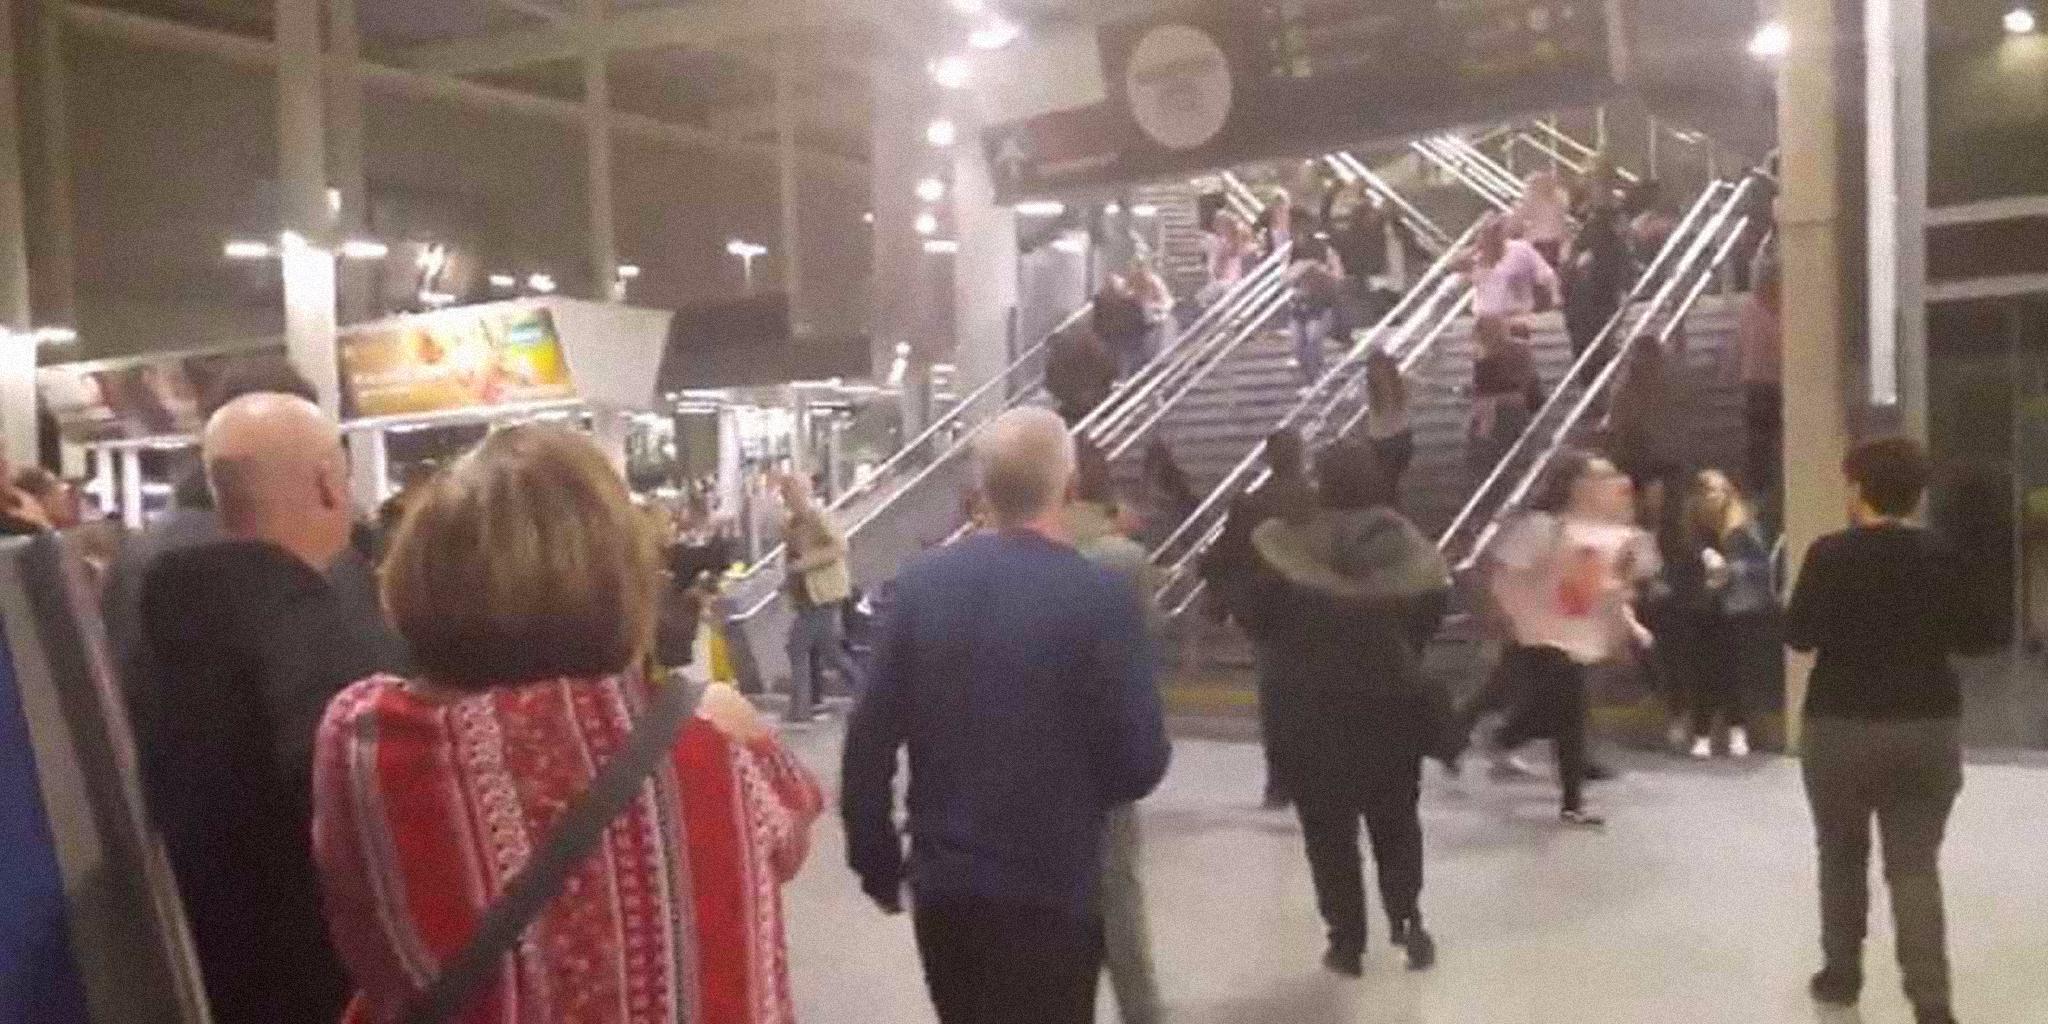 Terrorismo | Atentado em Inglaterra tira a vida a 22 pessoas. Campanha eleitoral suspensa